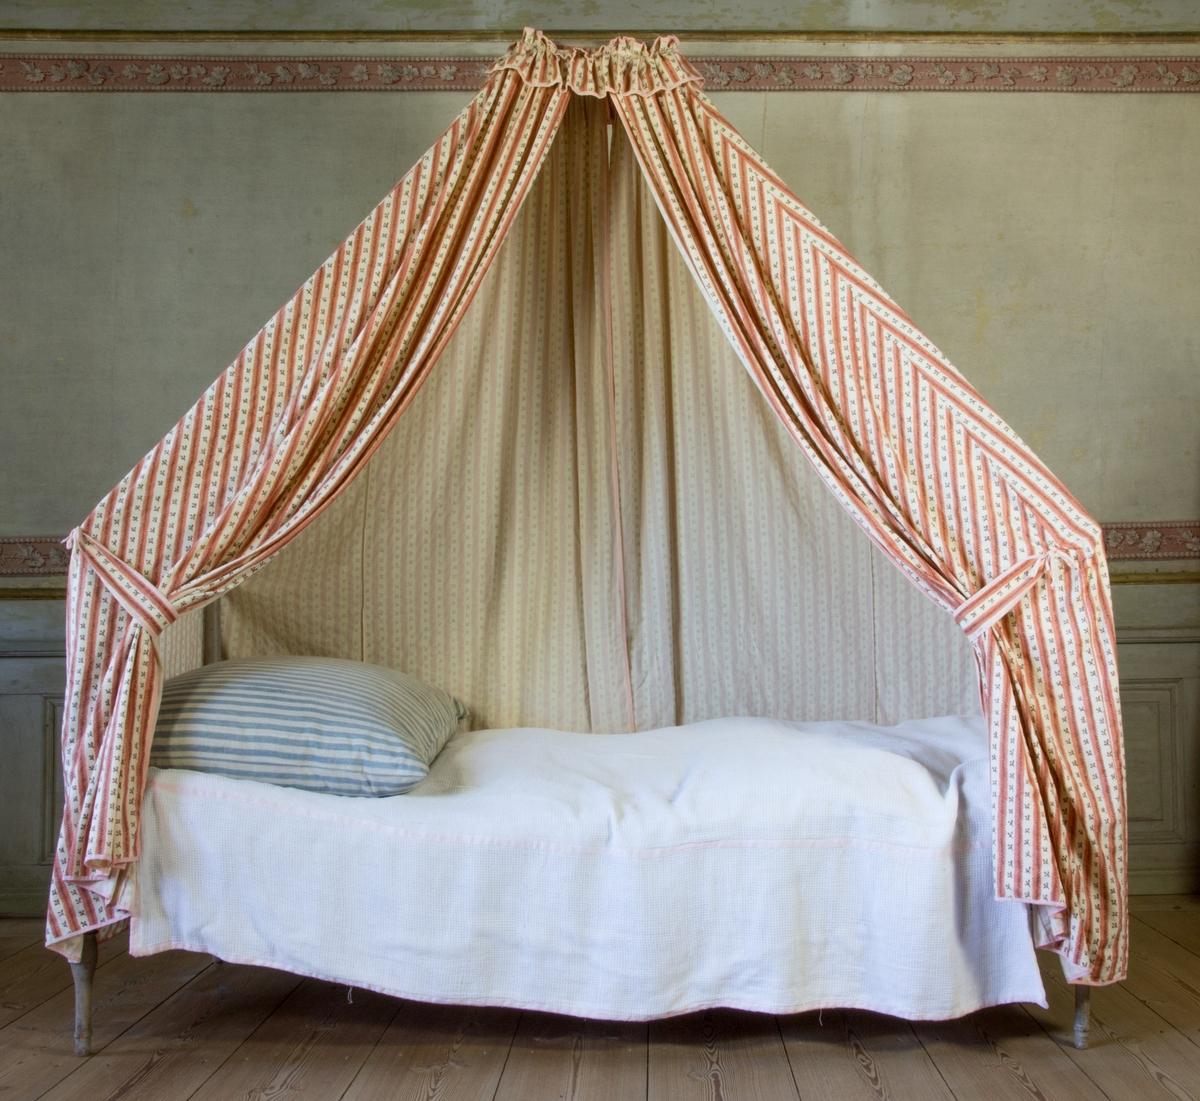 Sängklädsel tillverkad av bomullstyg med tryckt mönster, långrandigt. Ränder i rödrosa med brun sicksackrand omväxlande med rader av enkla småblommor i brunt. Modell där främre och bakre förhängena är formsydda efter stommen och fastsydda i ett överstycke som vilar löst på sängens överdel. Sängklädseln är inte fäst i sängen. Omtag vid de främre förhängena. Runt sänghimmeln sitter en veckad volang. Volang, omtag och förhängen är kantade med ett rosa bomullsband.